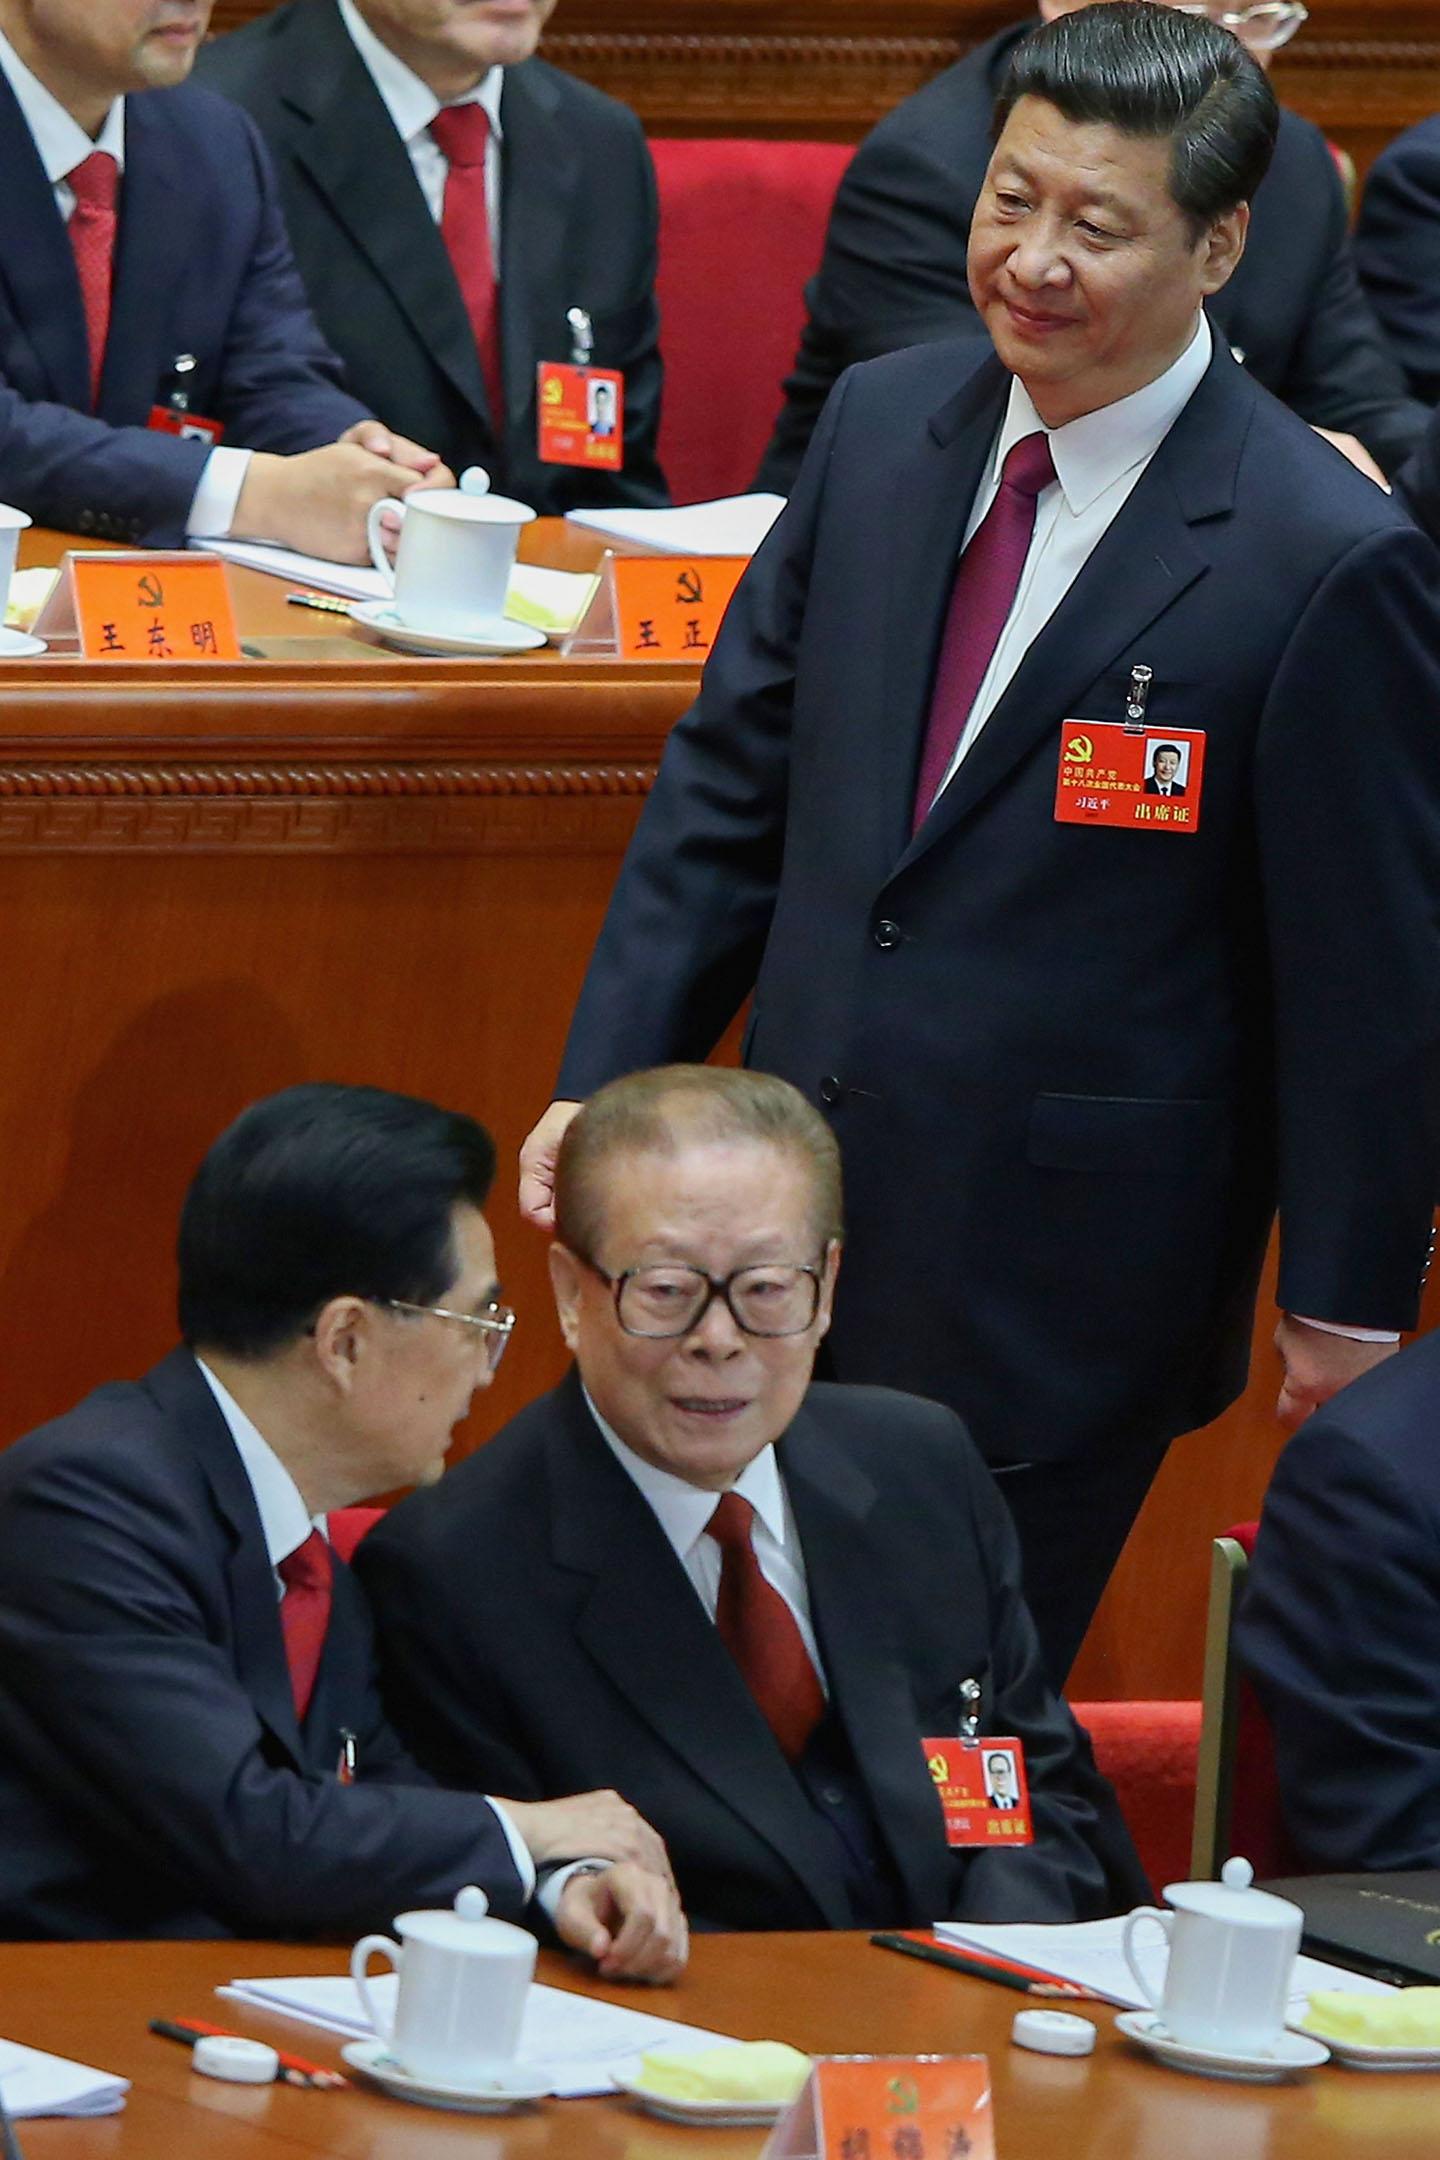 2012年11月8日中國北京,人民大會堂舉行的十八大開幕式上,中國國家副主席習近平走近中國國家主席胡錦濤(左)和中國前國家主席江澤民(右)。